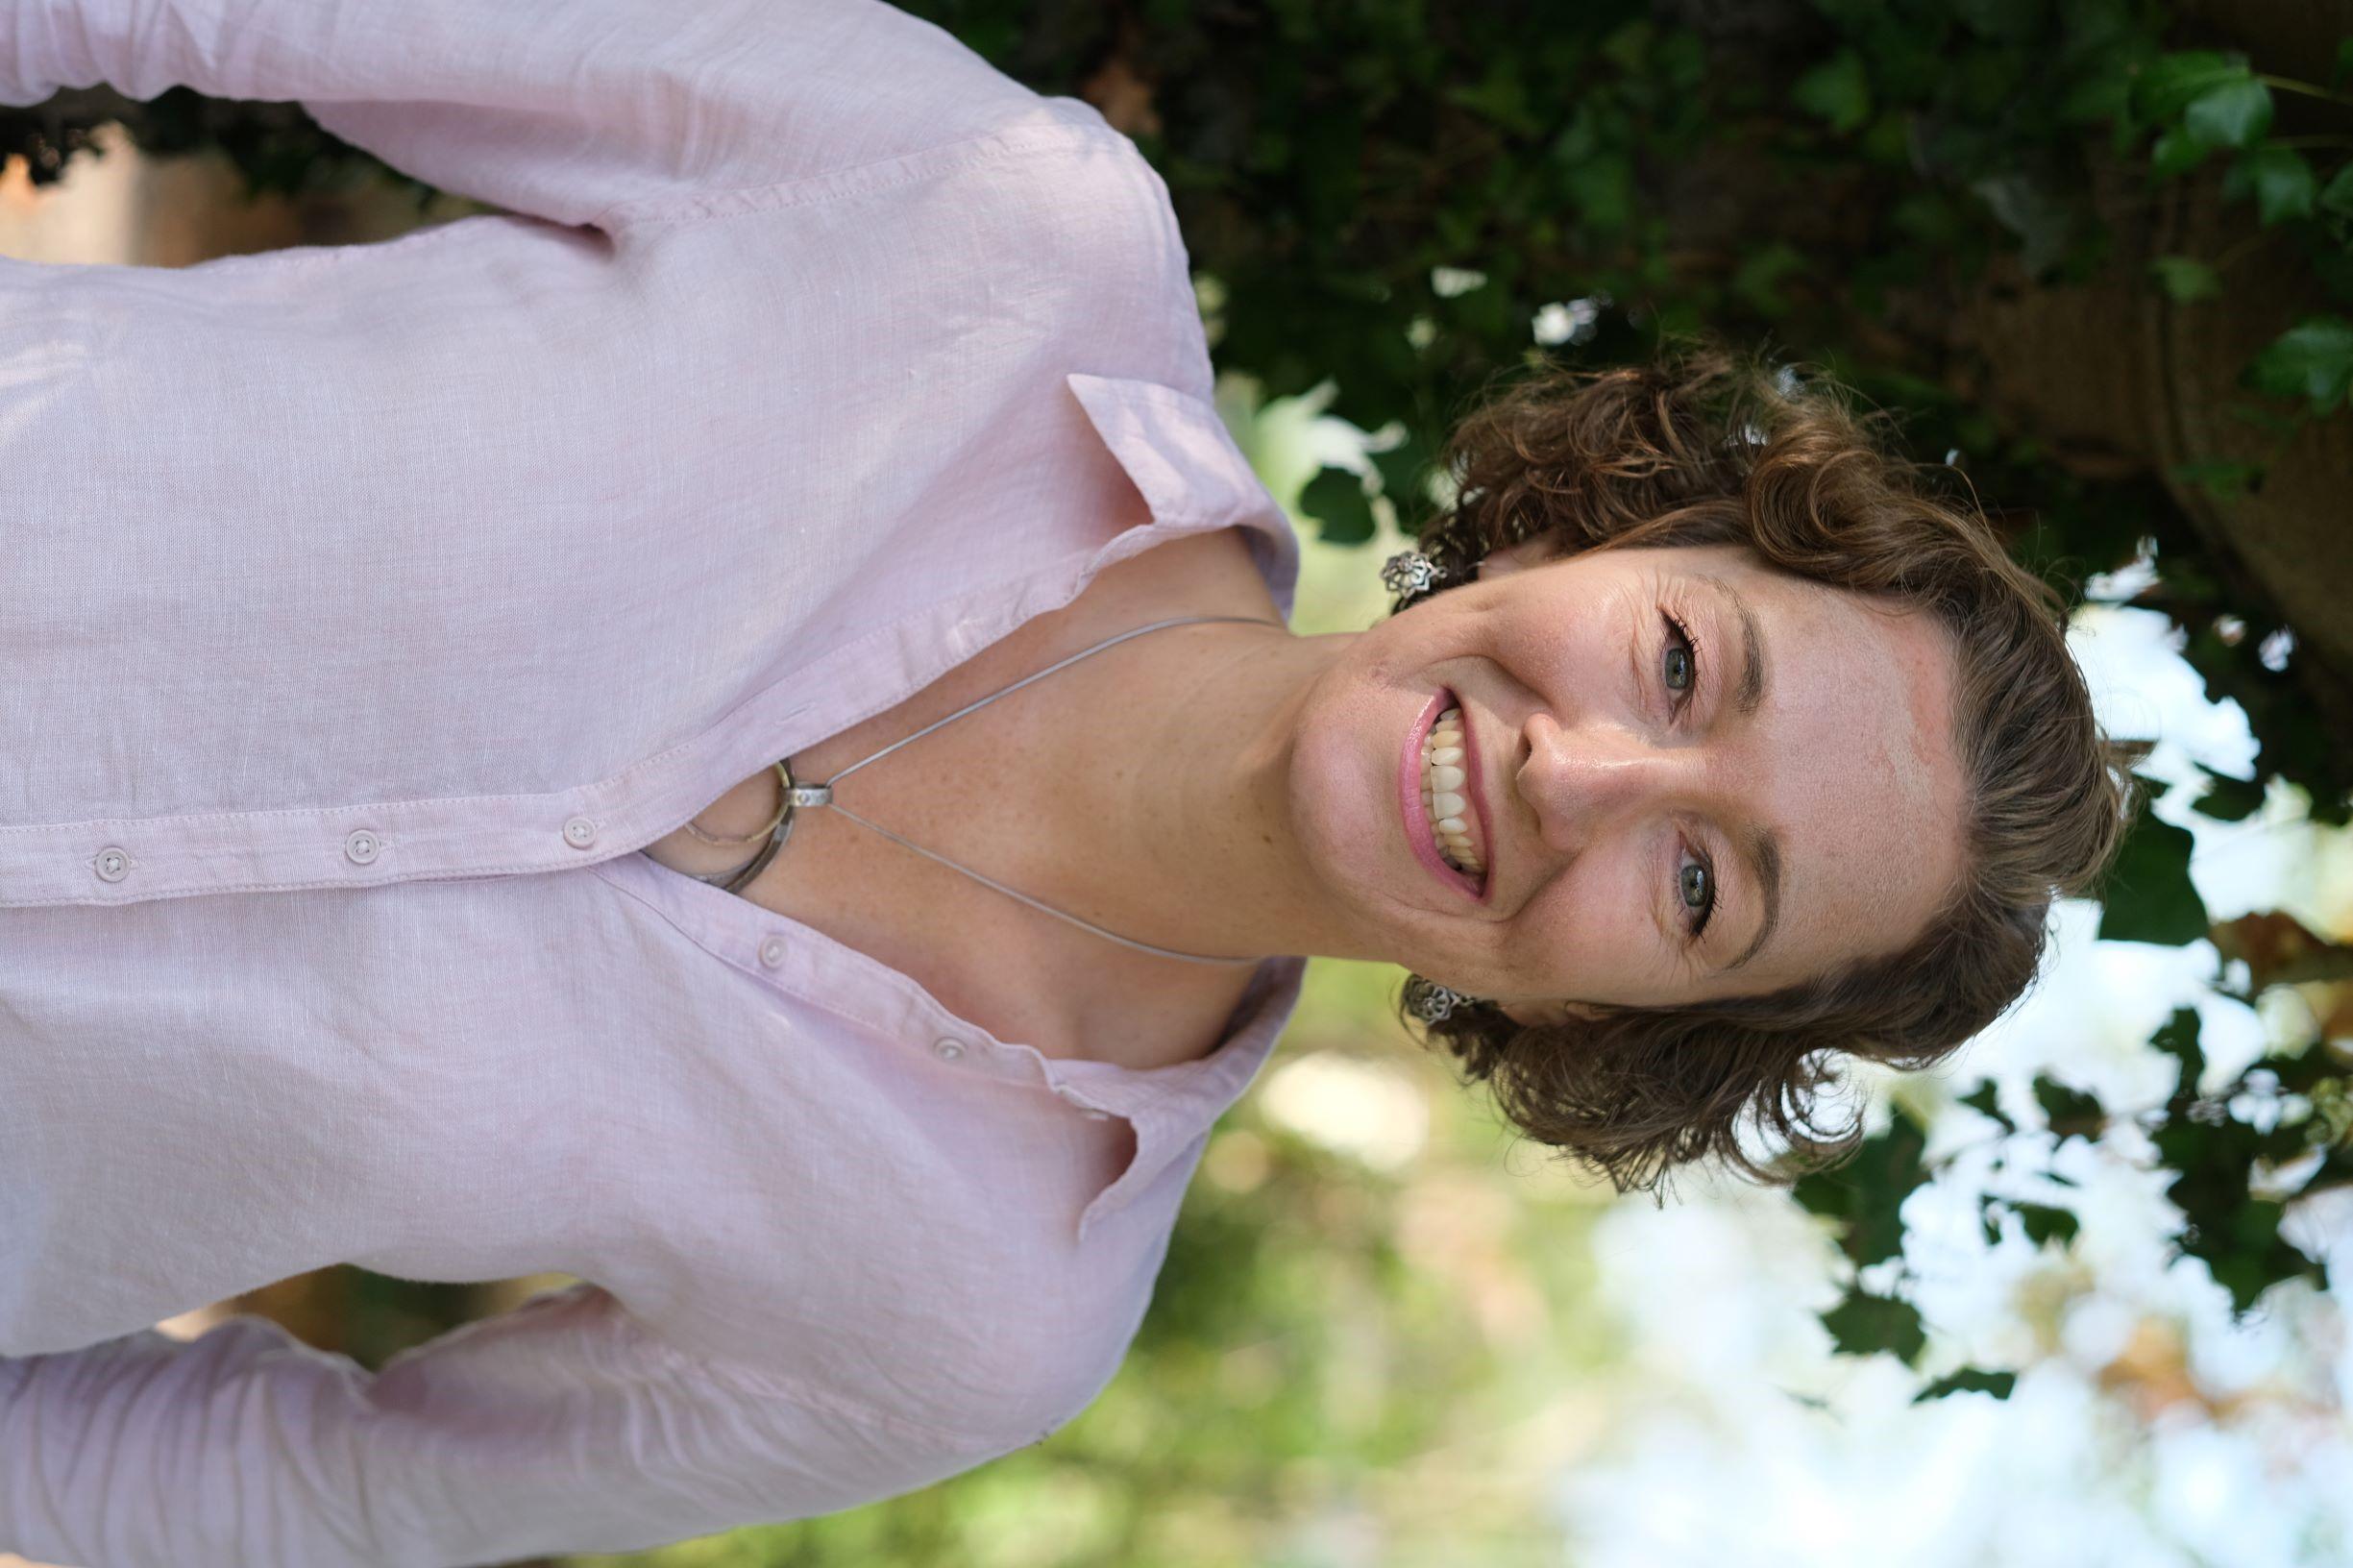 Helen Cain